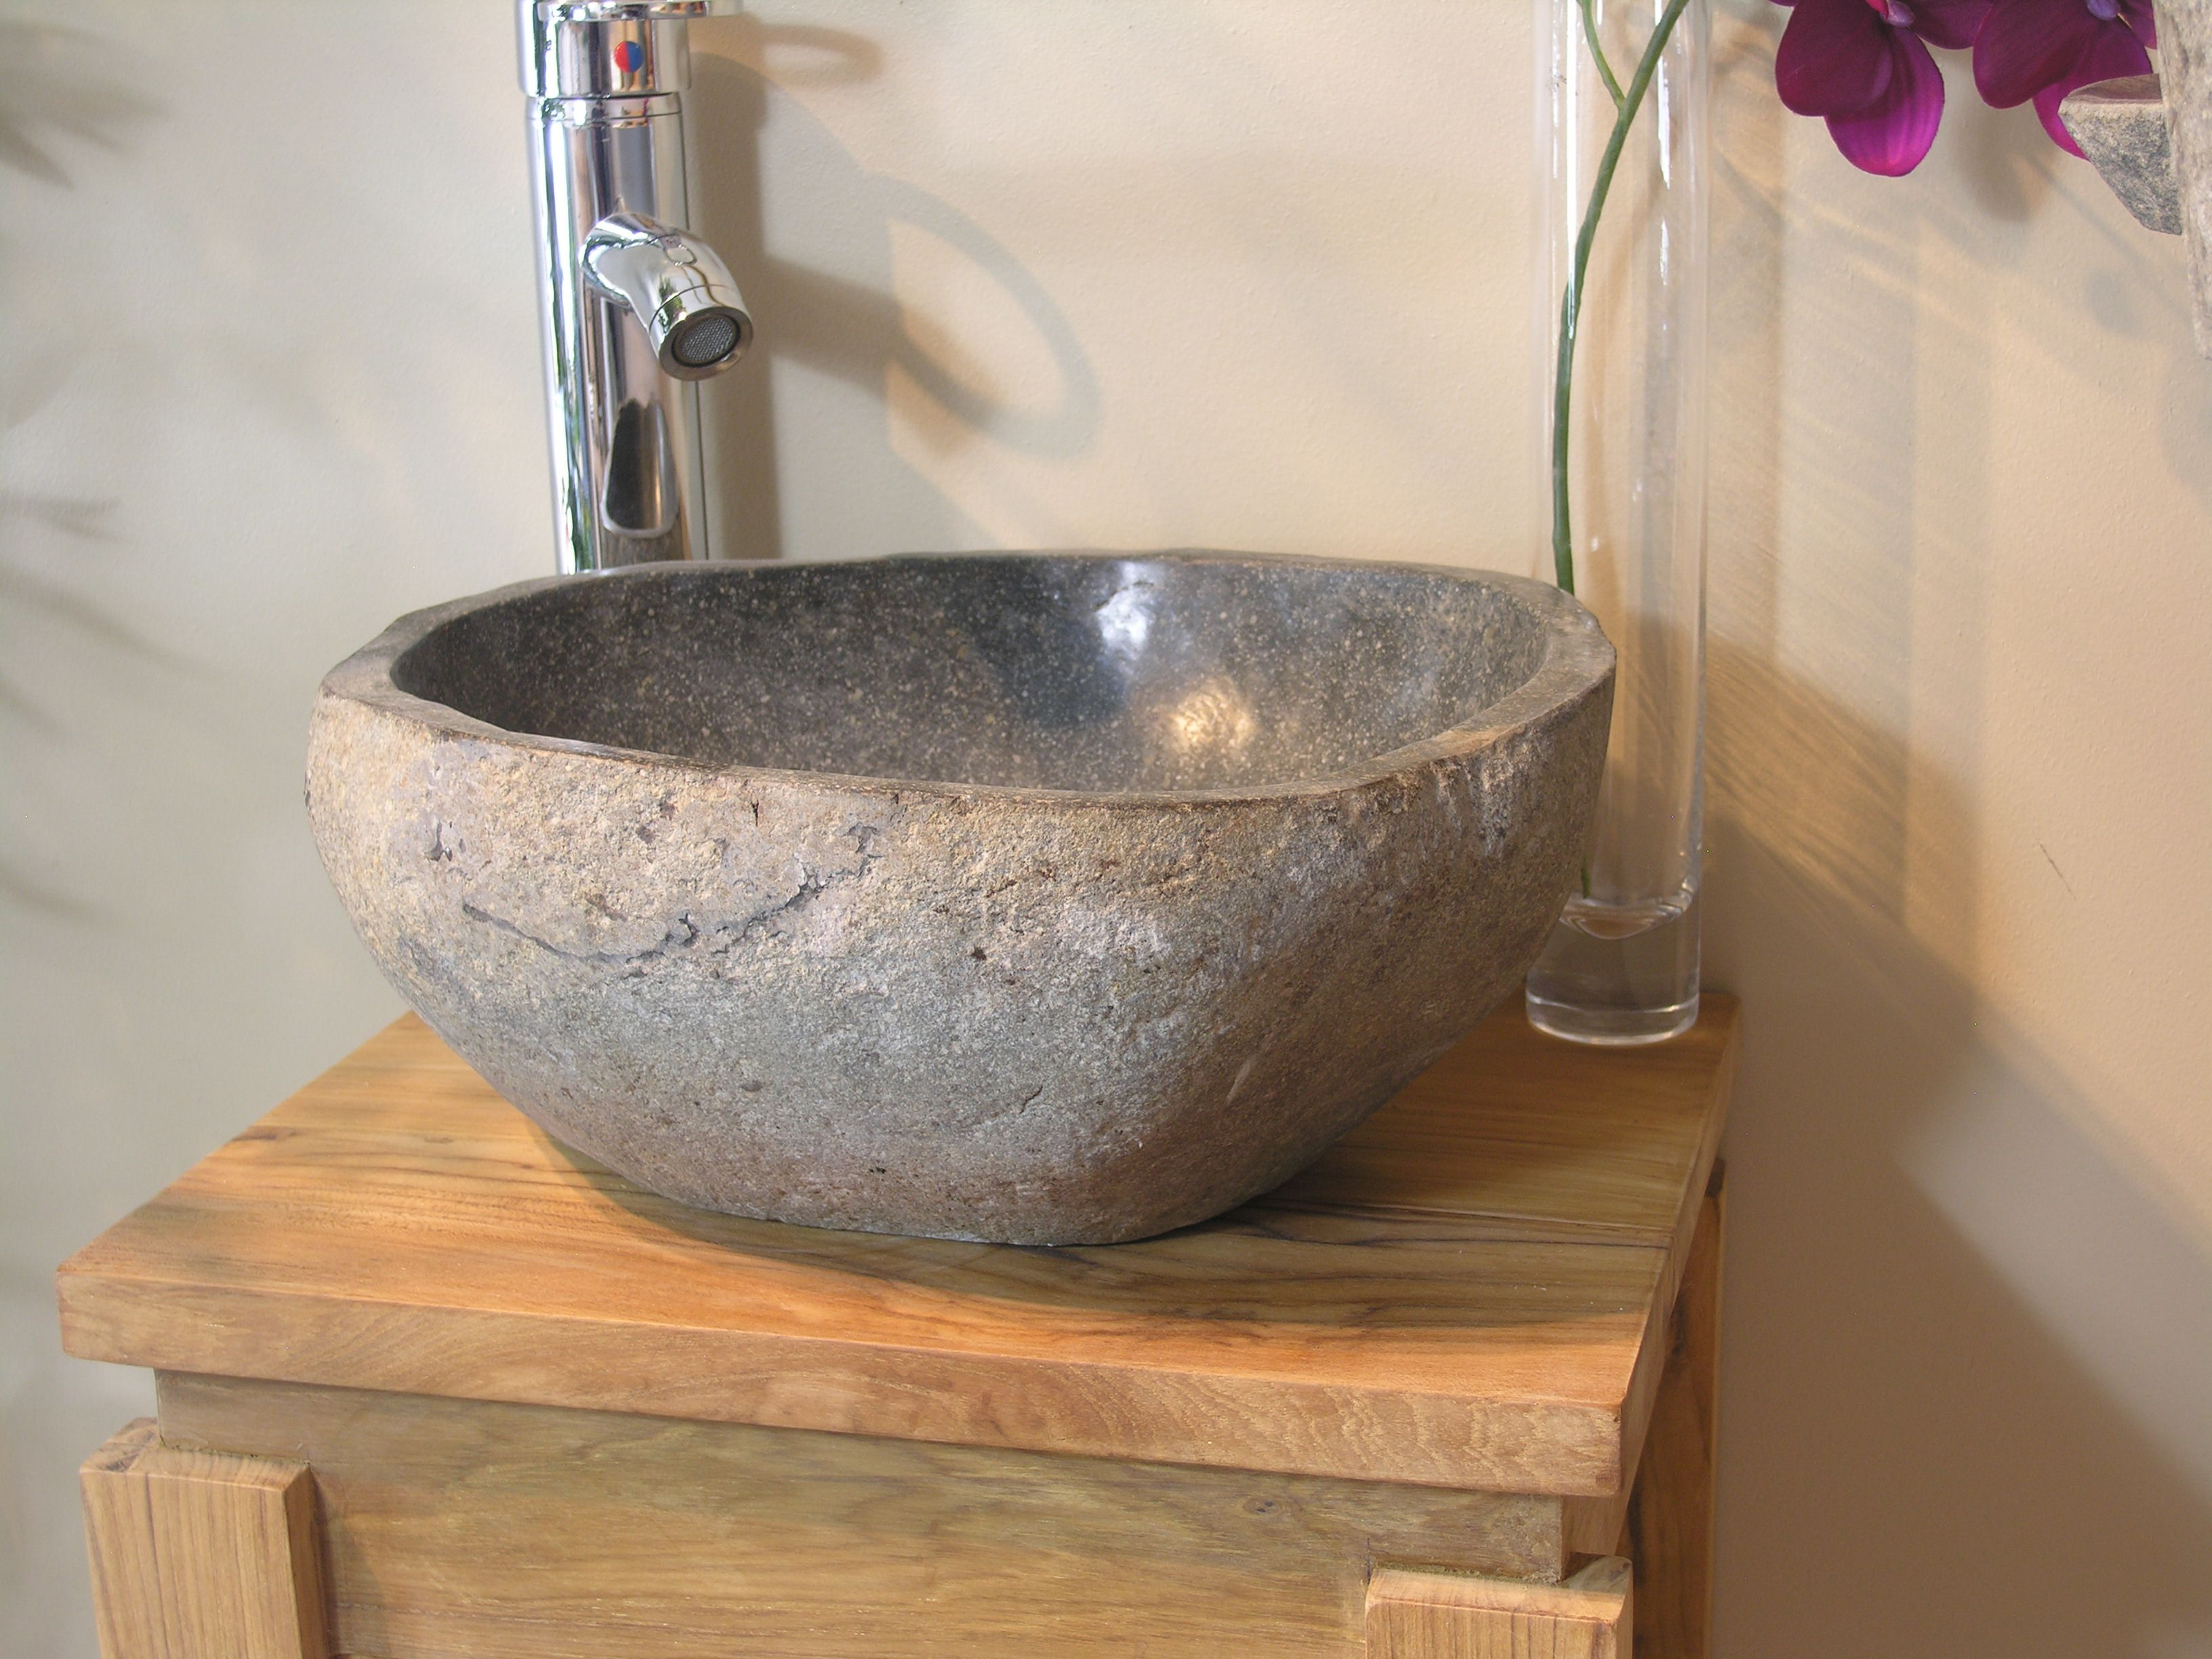 Vasque à poser en pierre naturelle salle de bain GALET 20 cm en